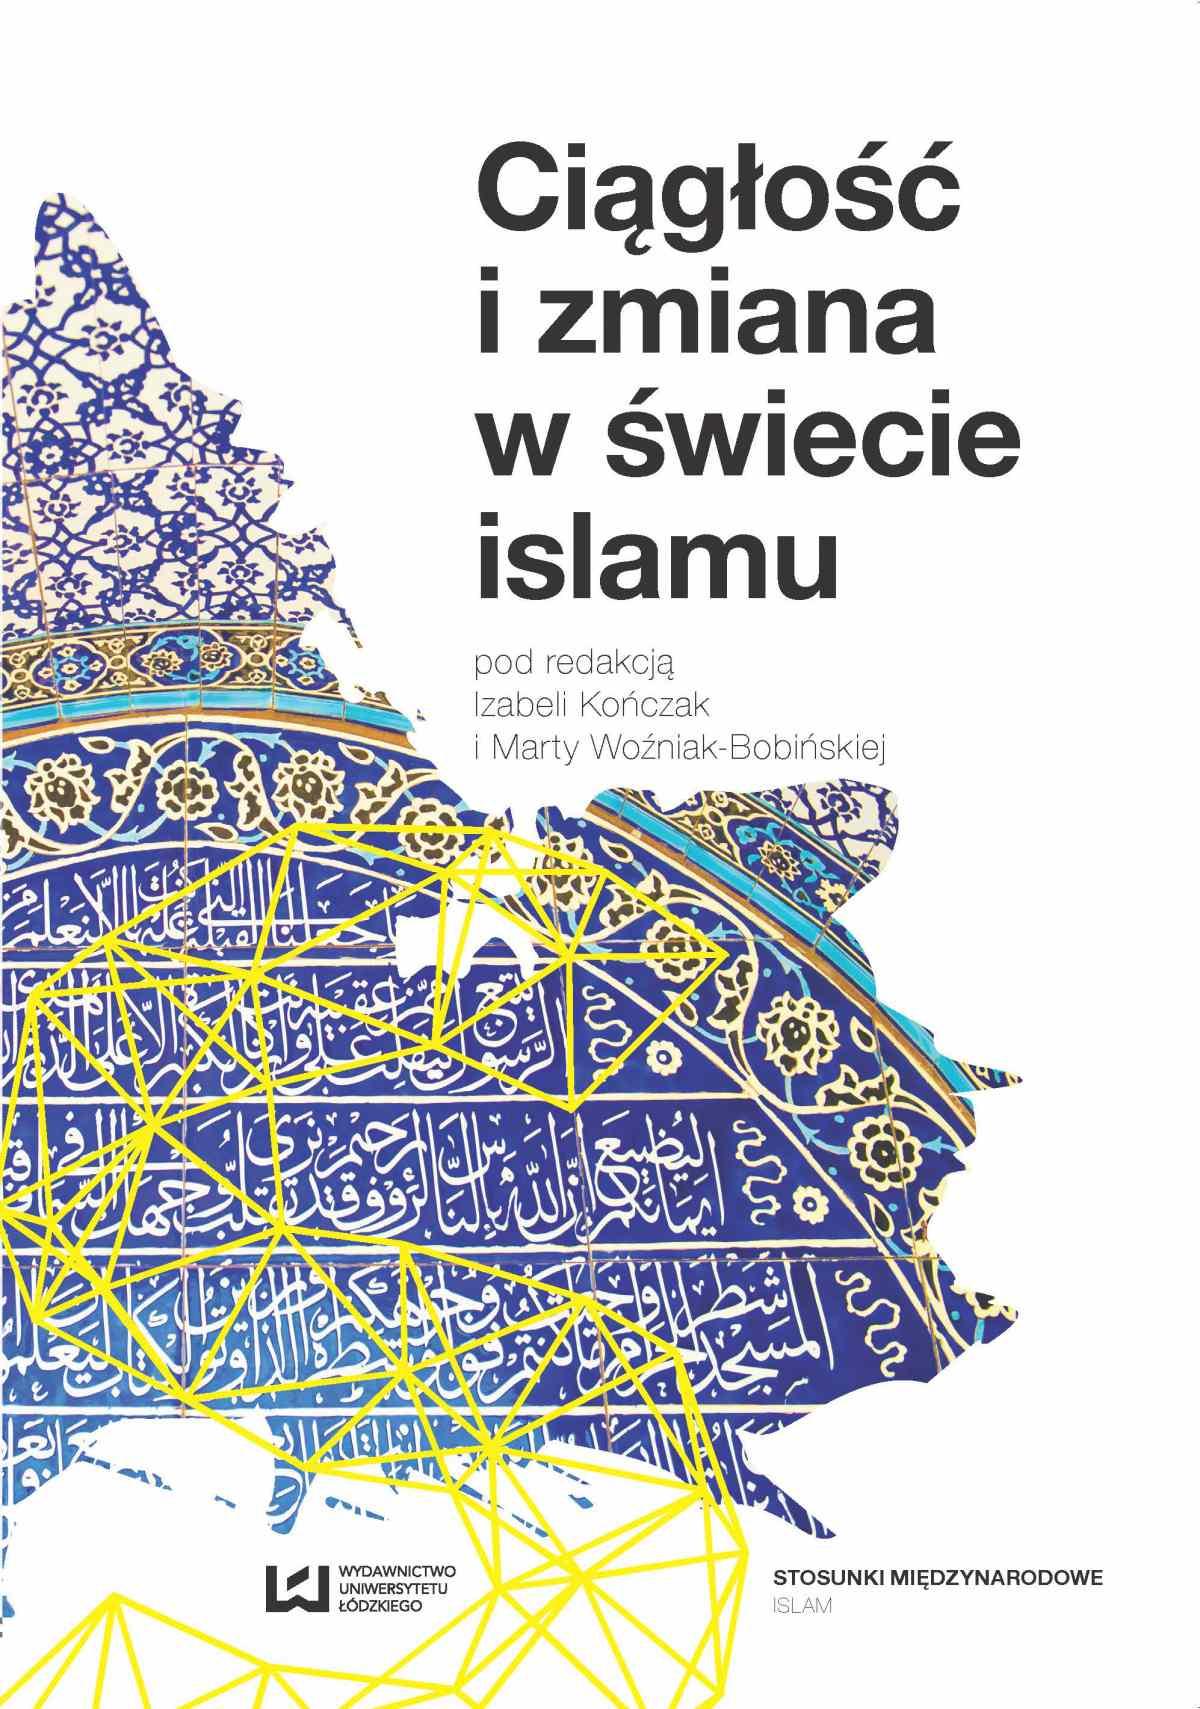 Ciągłość i zmiana w świecie islamu - Ebook (Książka PDF) do pobrania w formacie PDF